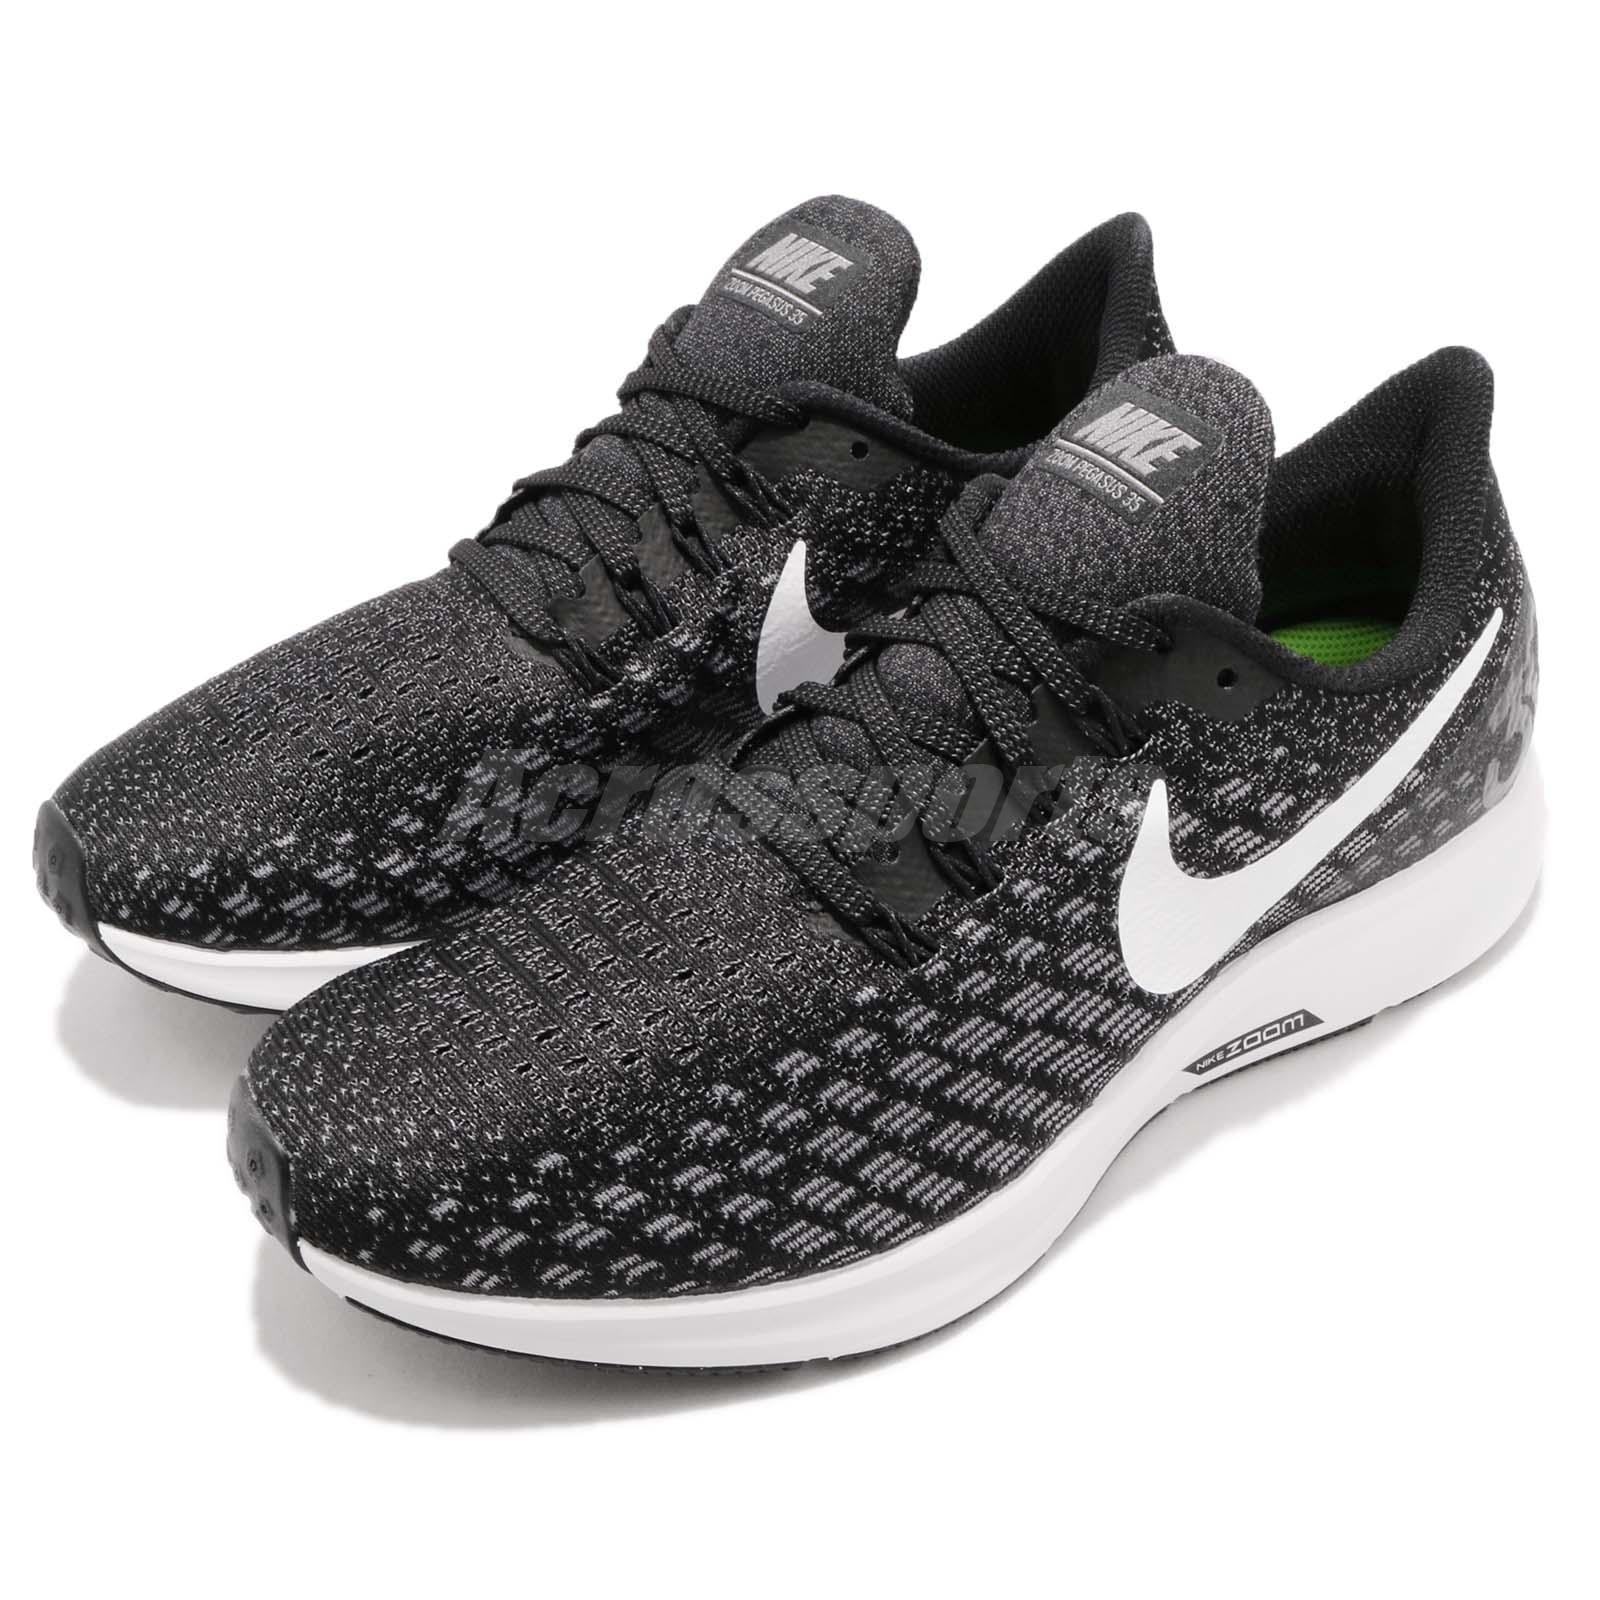 Nike Air Zoom Pegasus 35 Black White Running Shoes 942855 001